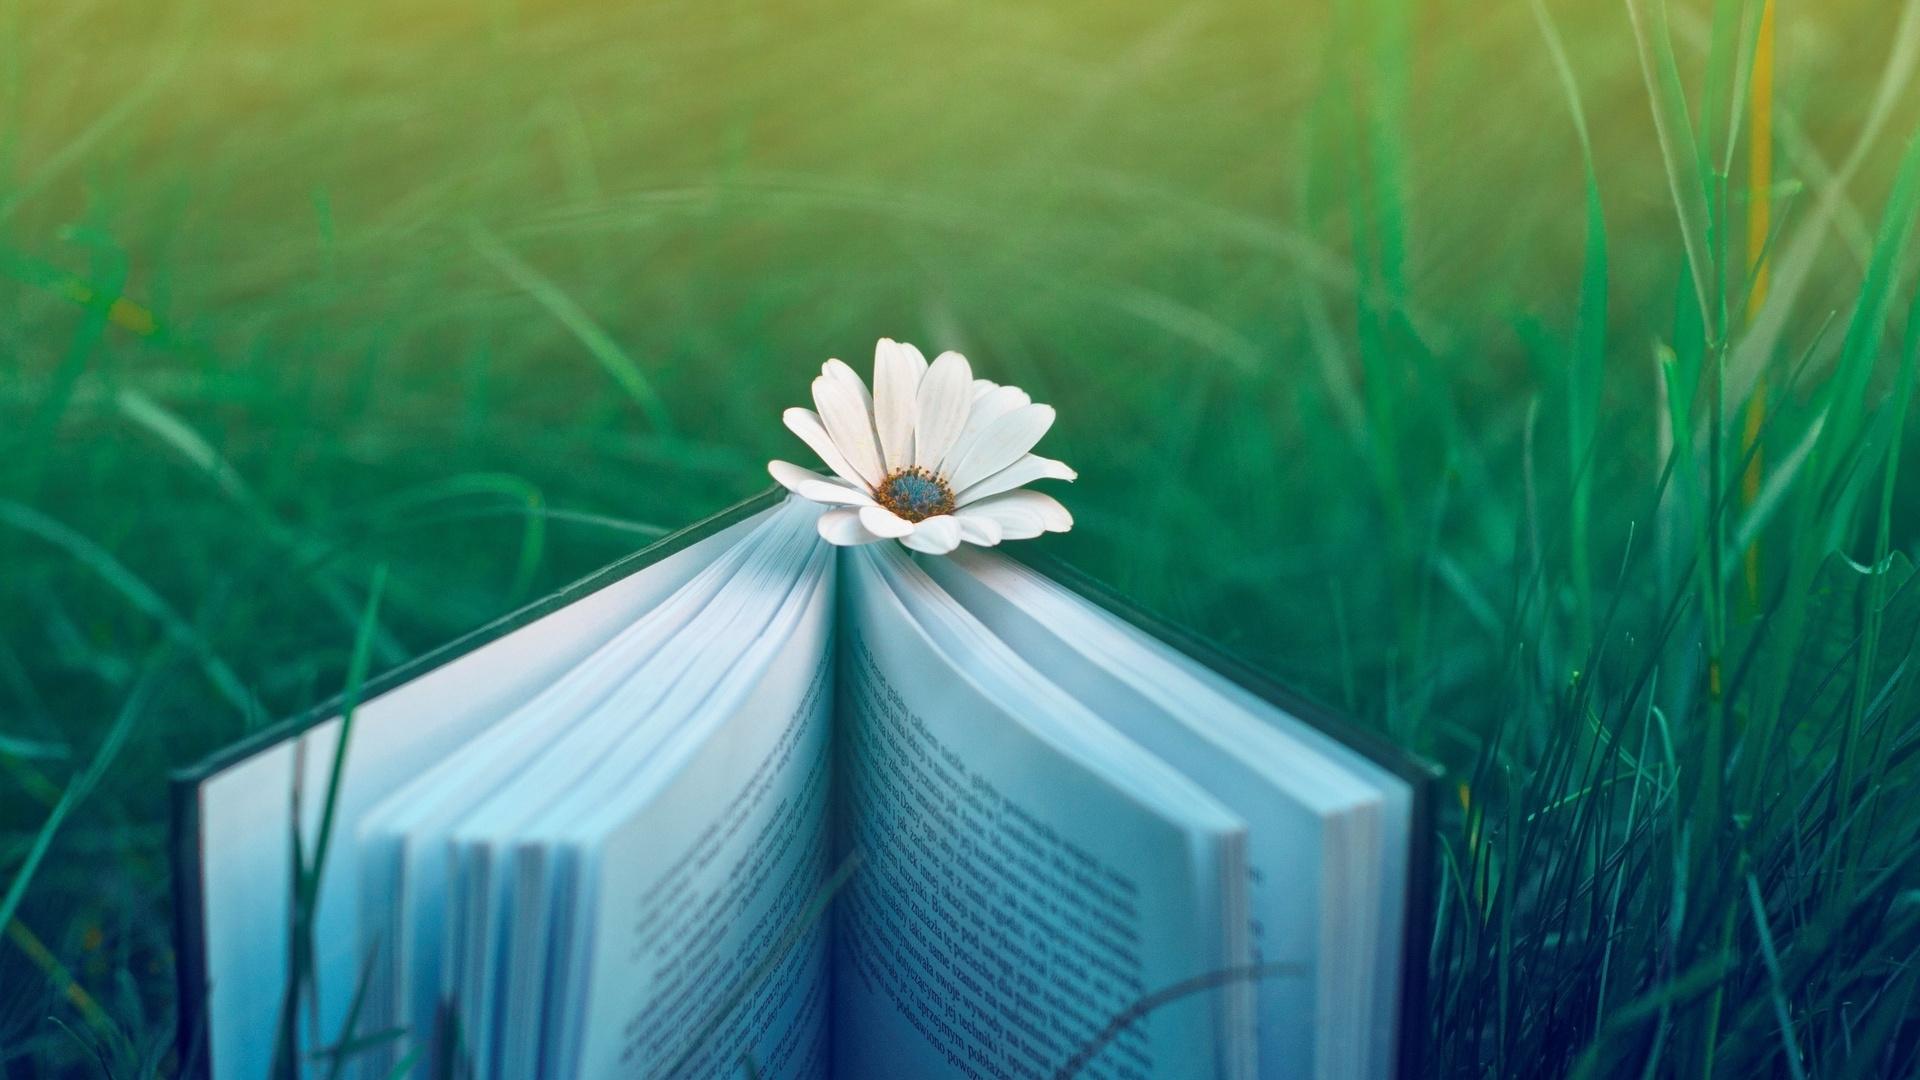 pretty book wallpaper 41790